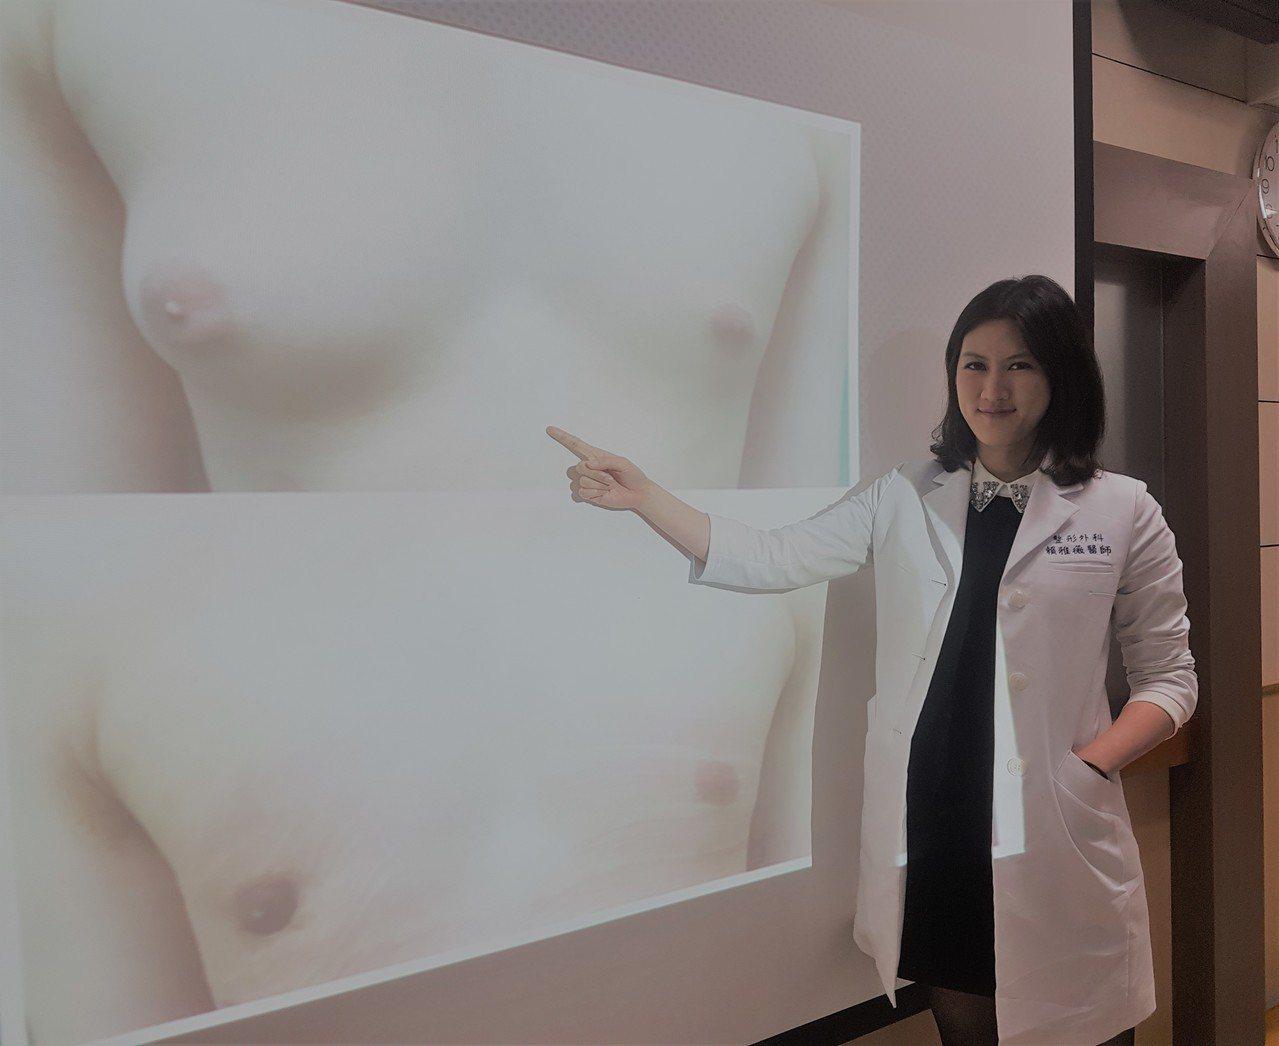 高雄市立大同醫院整形外科主治醫師賴雅薇說,男性女乳症患者每年寒暑假有增多趨勢,她...